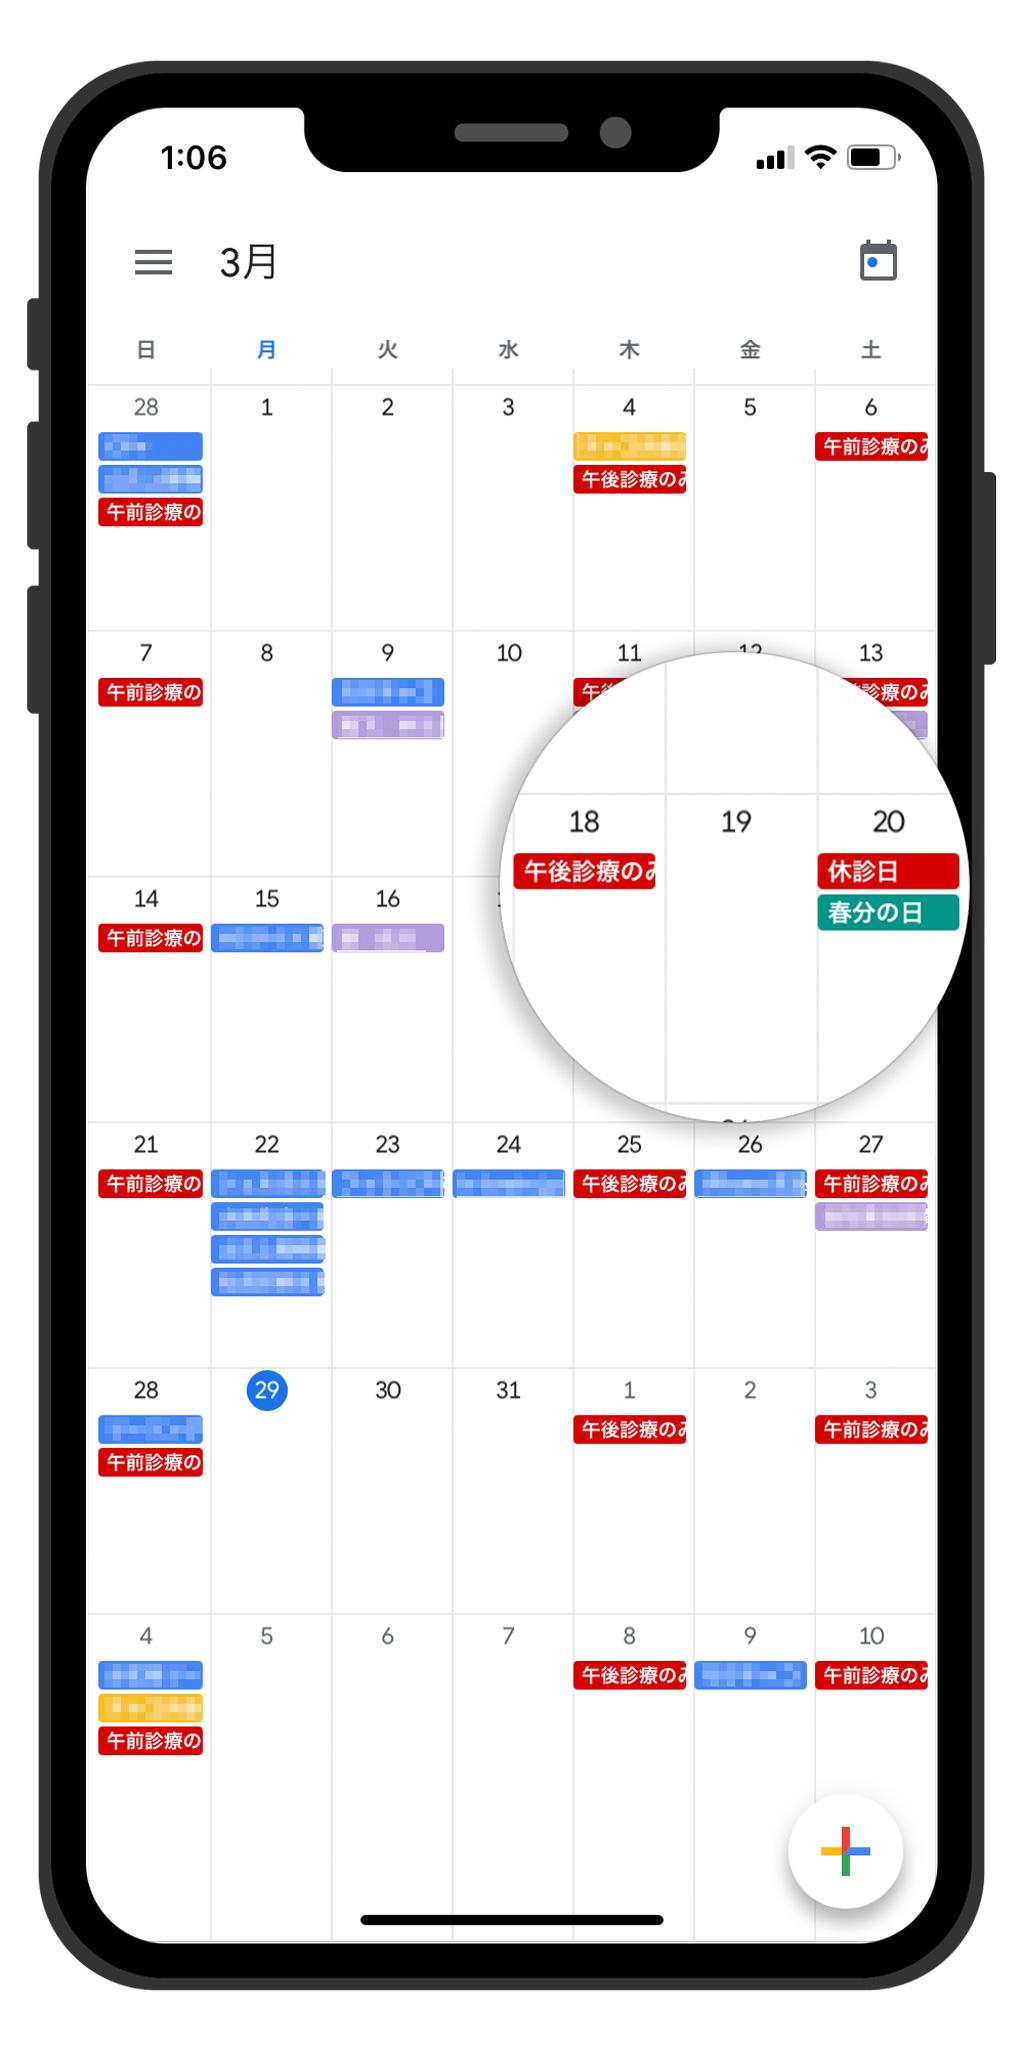 枚方の山之上動物病院様ホームページ_googleカレンダー:スマートフォンの場合